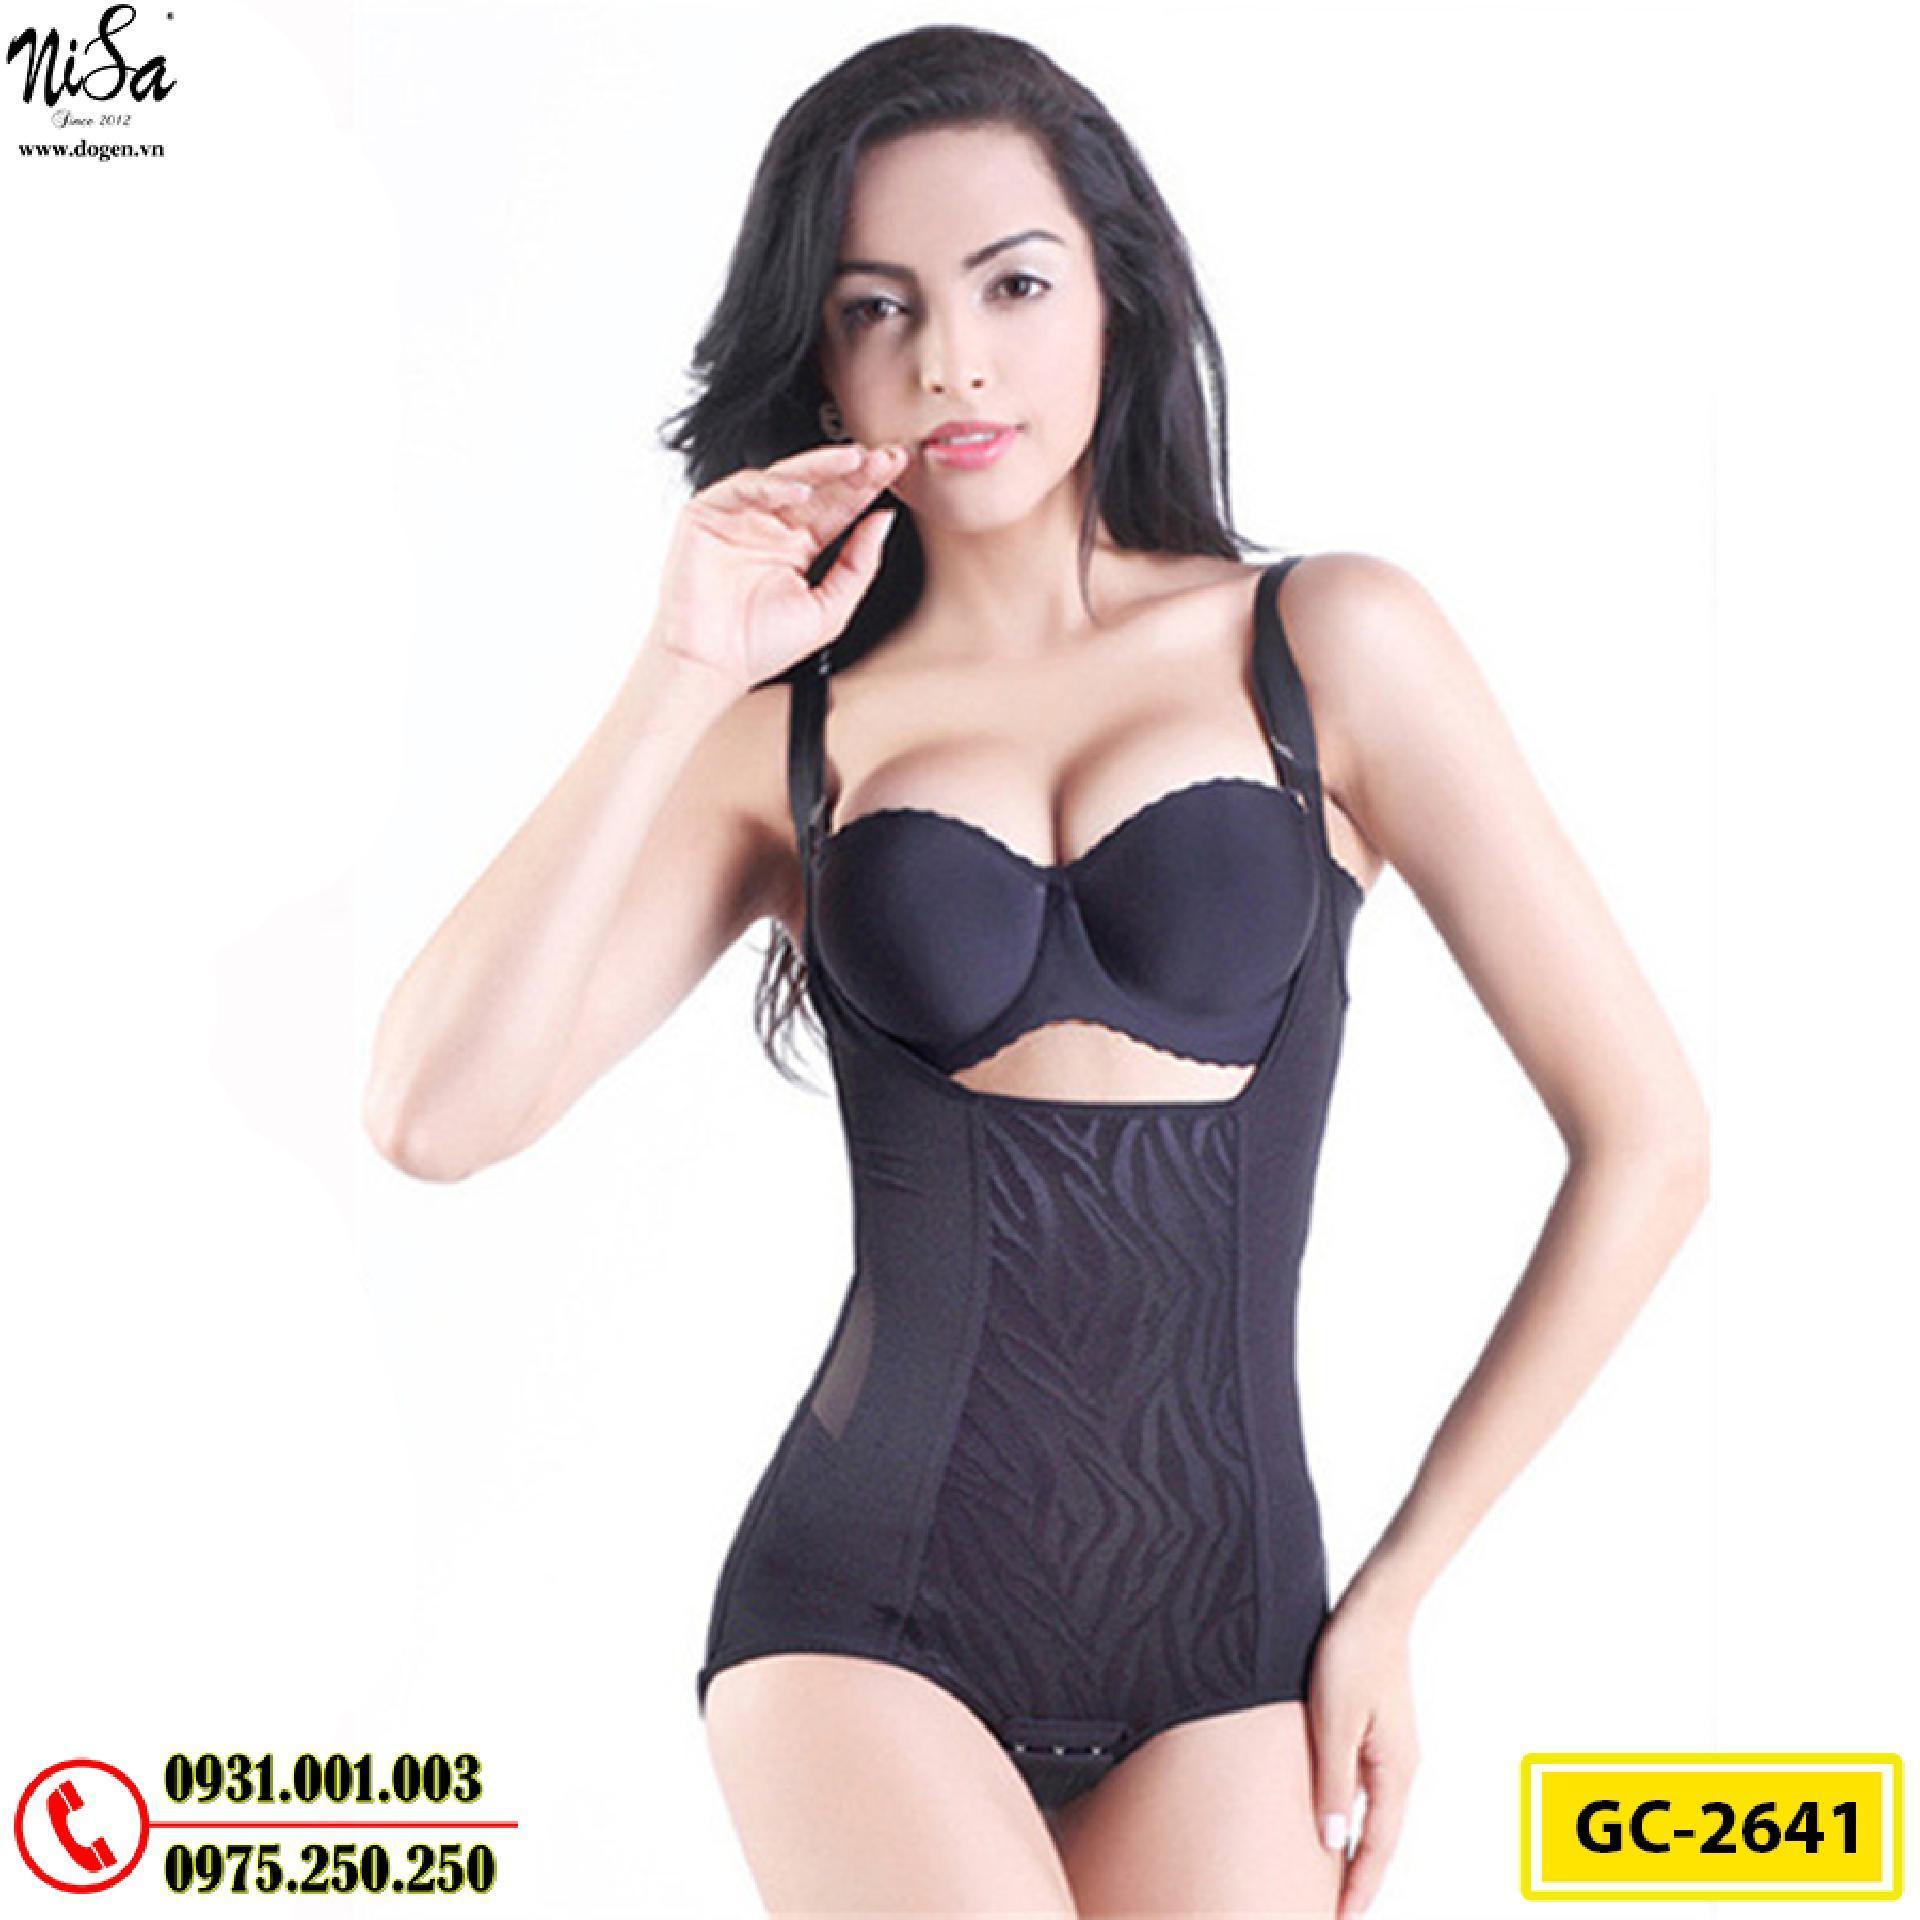 Bộ Đồ Lót Định Hình Bikini Cao Cấp Thu Gọn Vòng Eo (Cod: GC-2641)